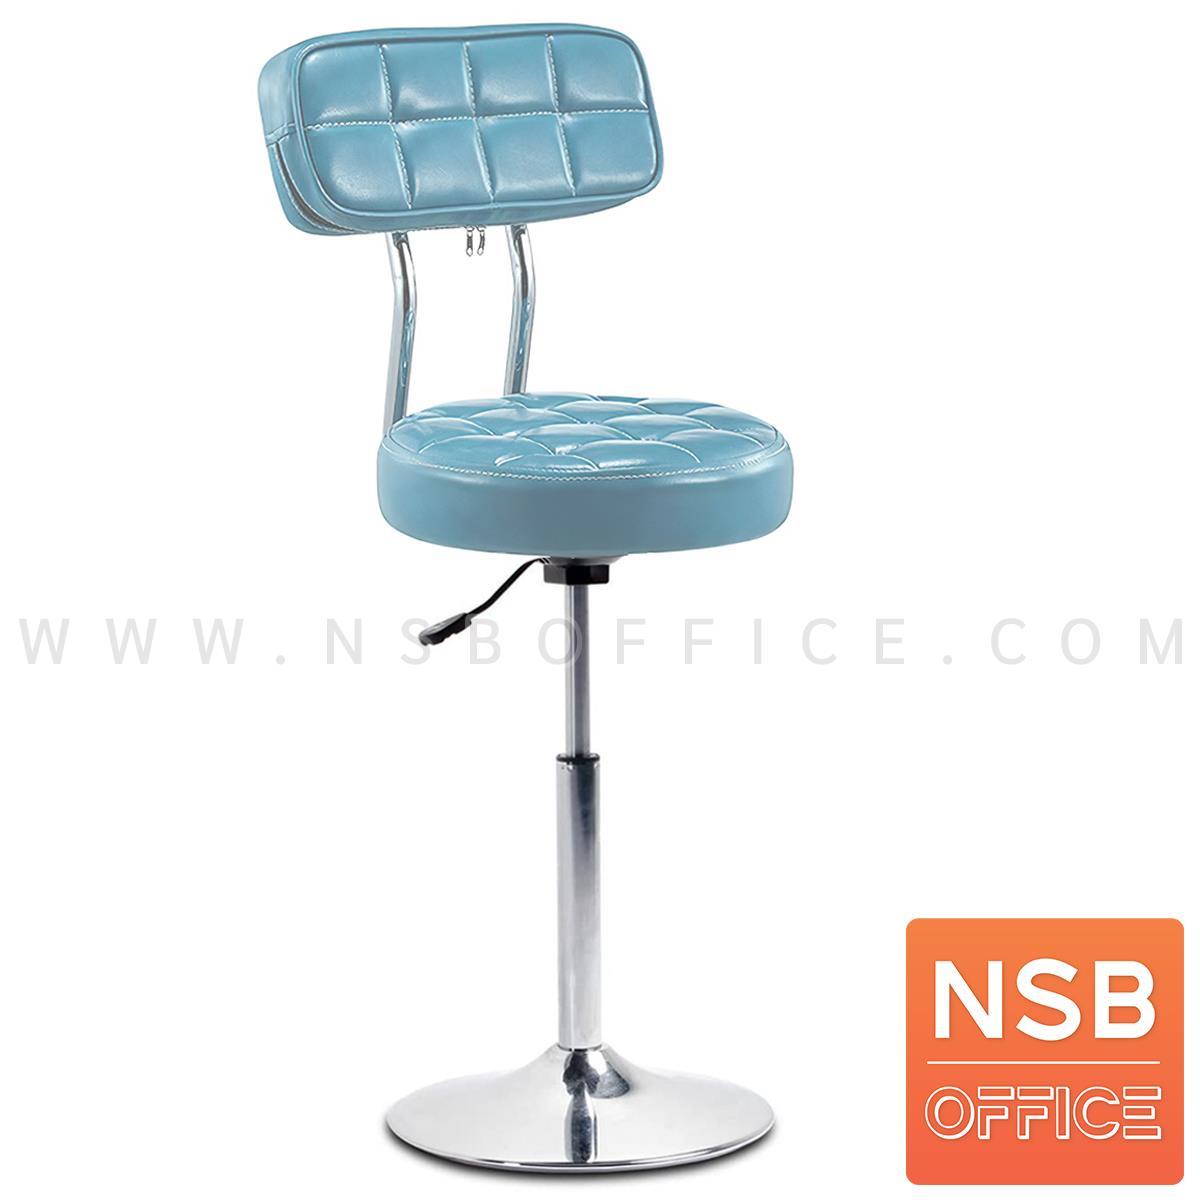 B09A229:เก้าอี้บาร์สตูลที่นั่งกลม รุ่น Bluevine (บลูไวน์) ขนาด 34Di cm โครงขาจานกลมโครเมียม